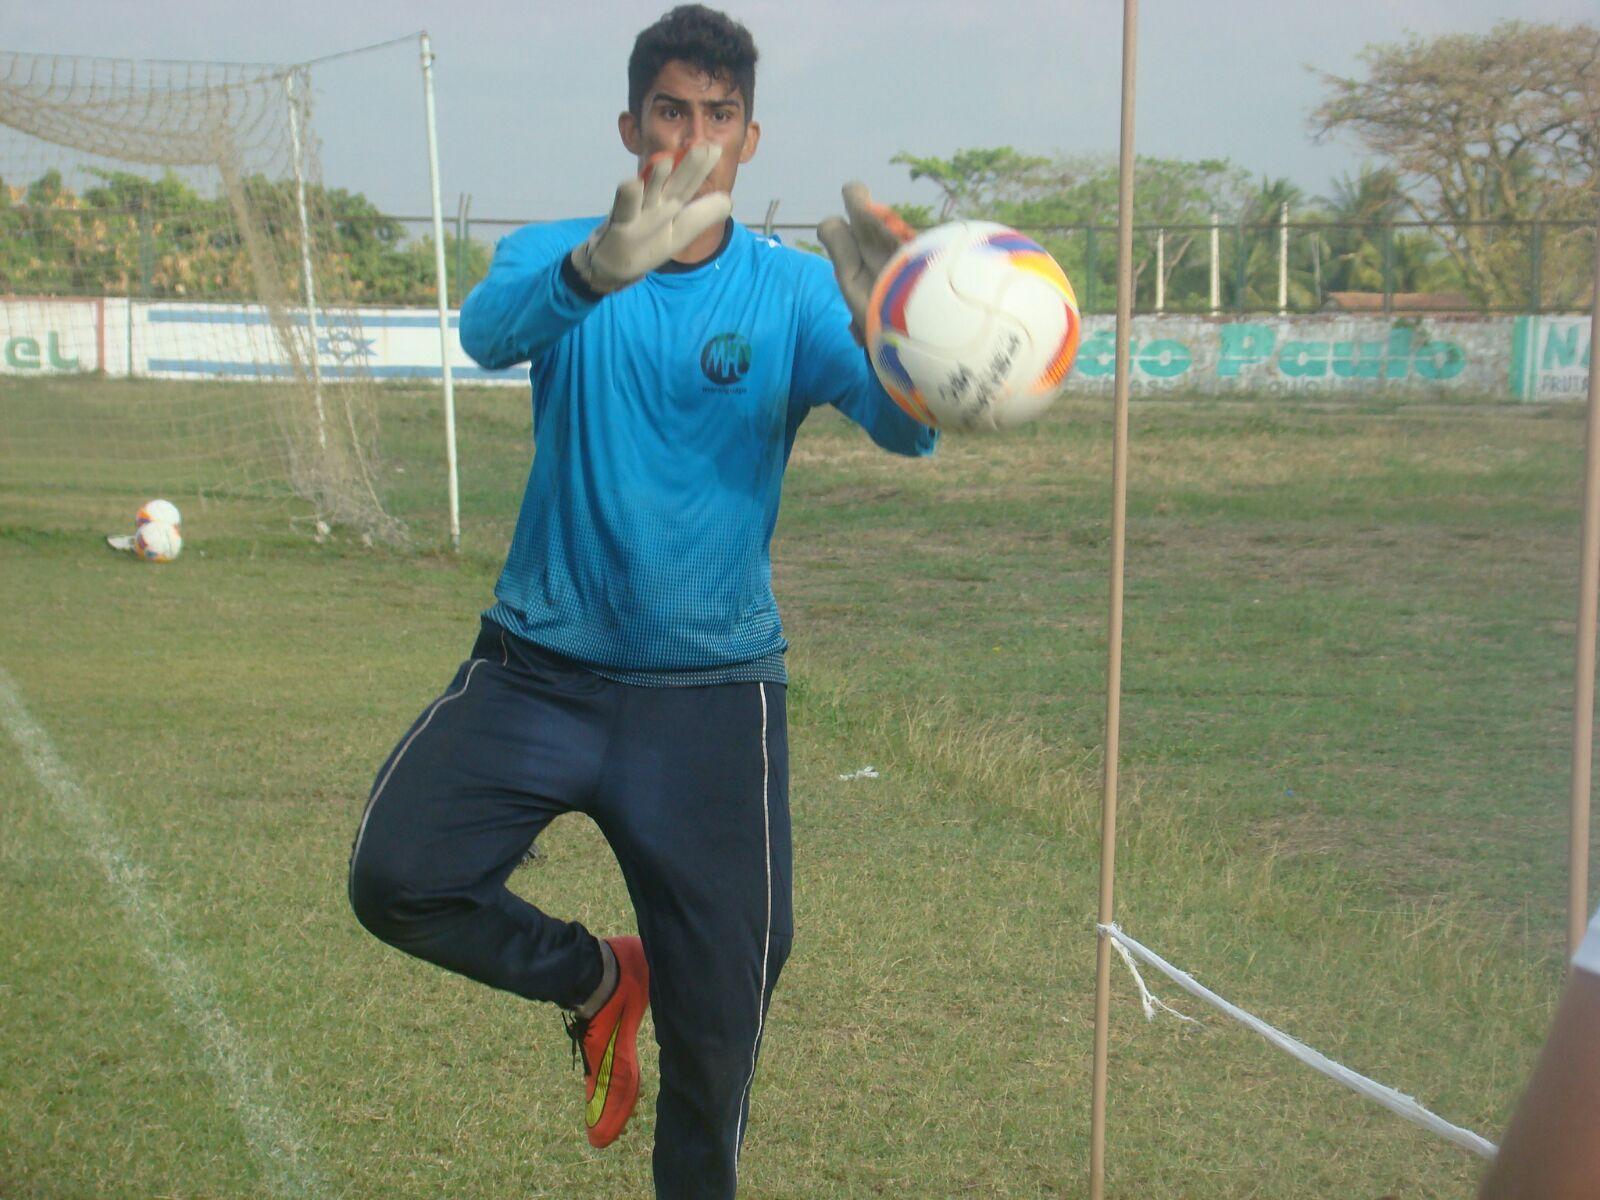 Rodrigo é o terceiro goleiro da equipe maranguapense (FOTO: Tarcísio Ribeiro/Divulgação)